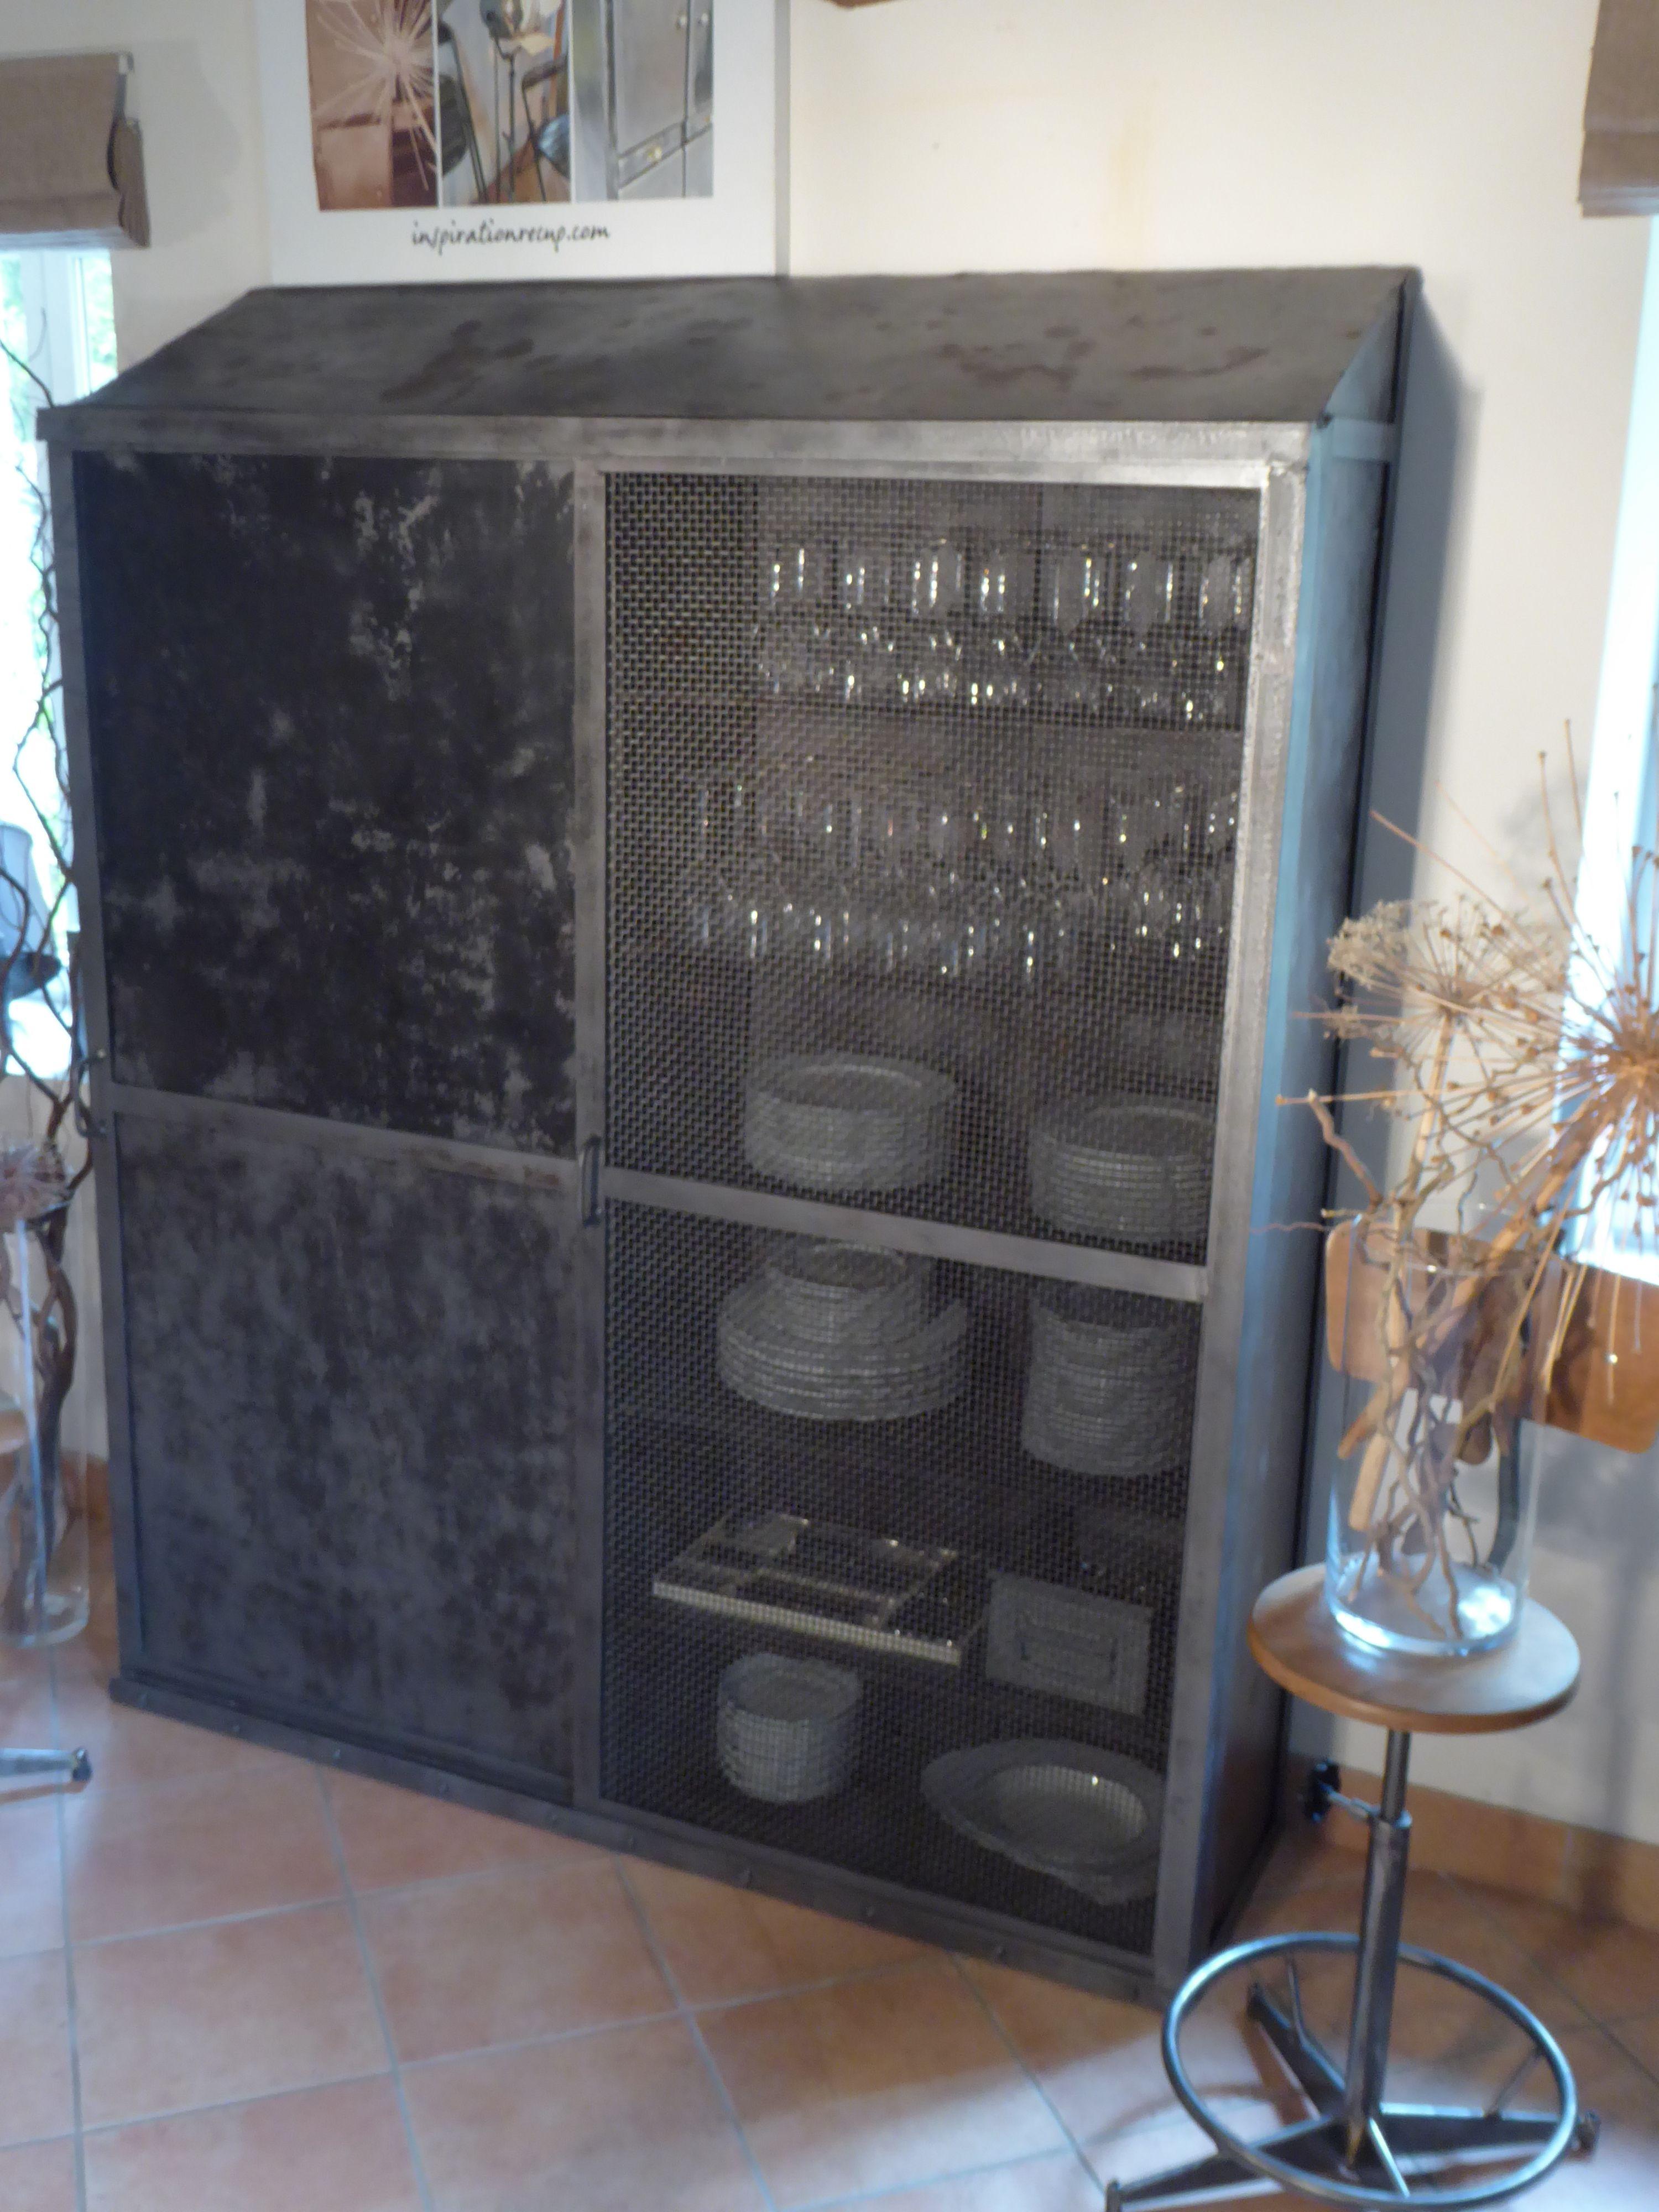 Meuble Sncf Industriel Xxl Grillage Inspirationrecup Com Vous Propose Ce Meuble Vintage Industrial Locker Storage Welding Projects